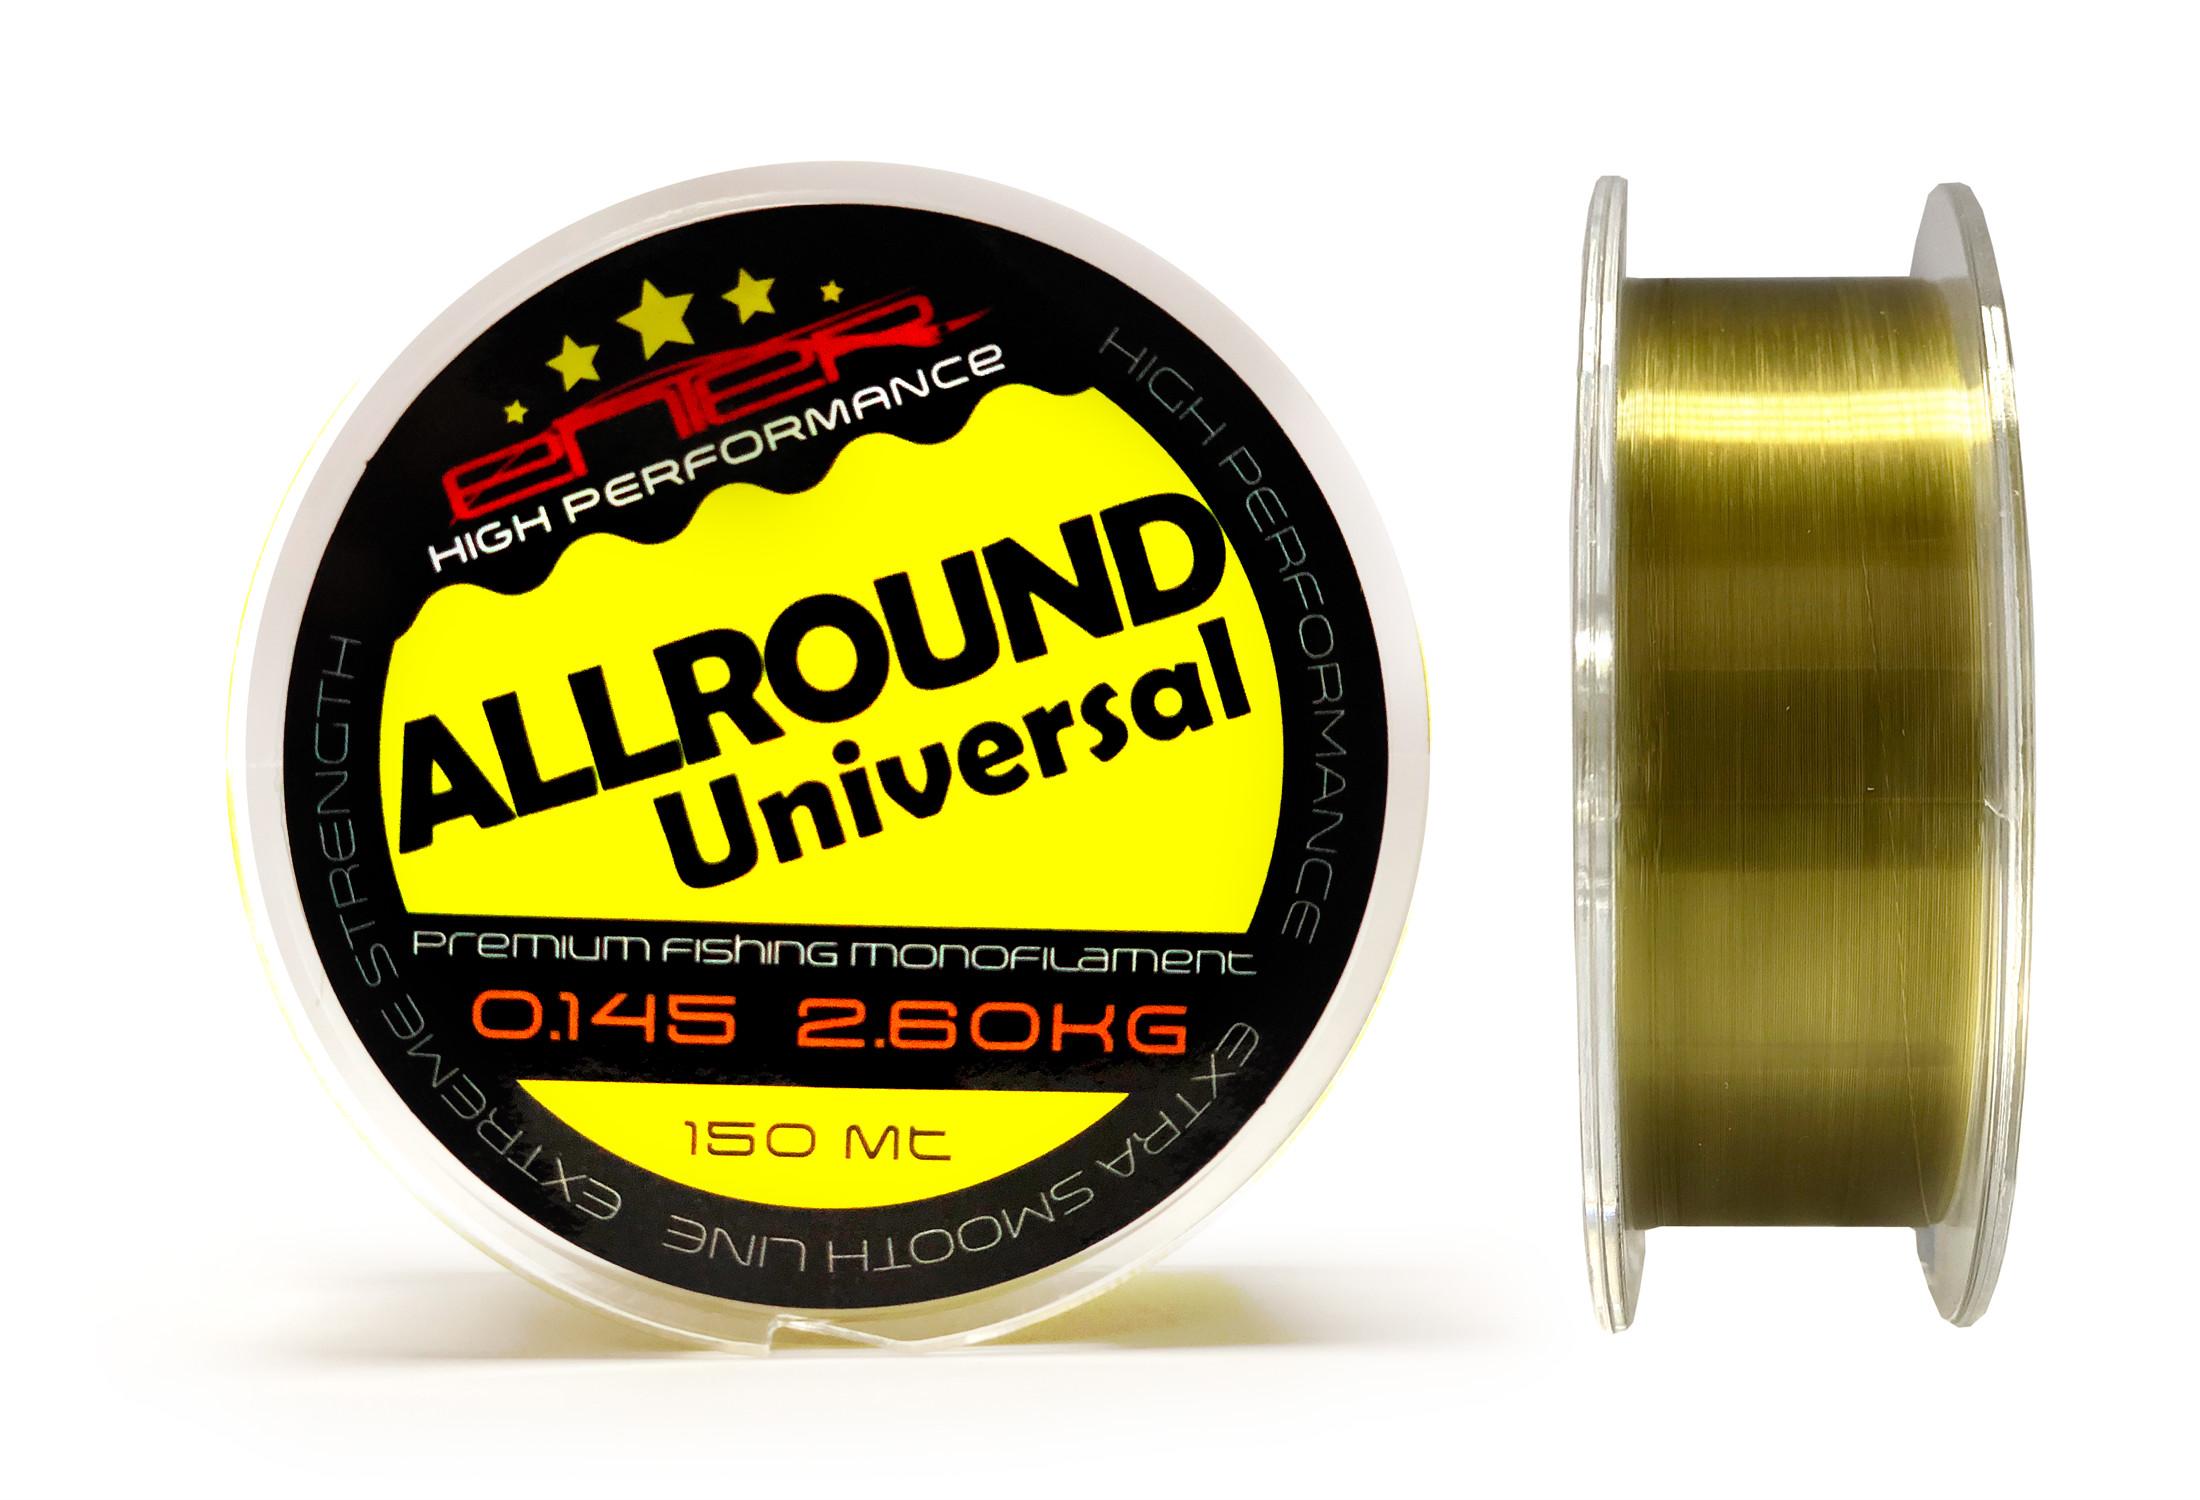 Enter Allround Universal 0.145